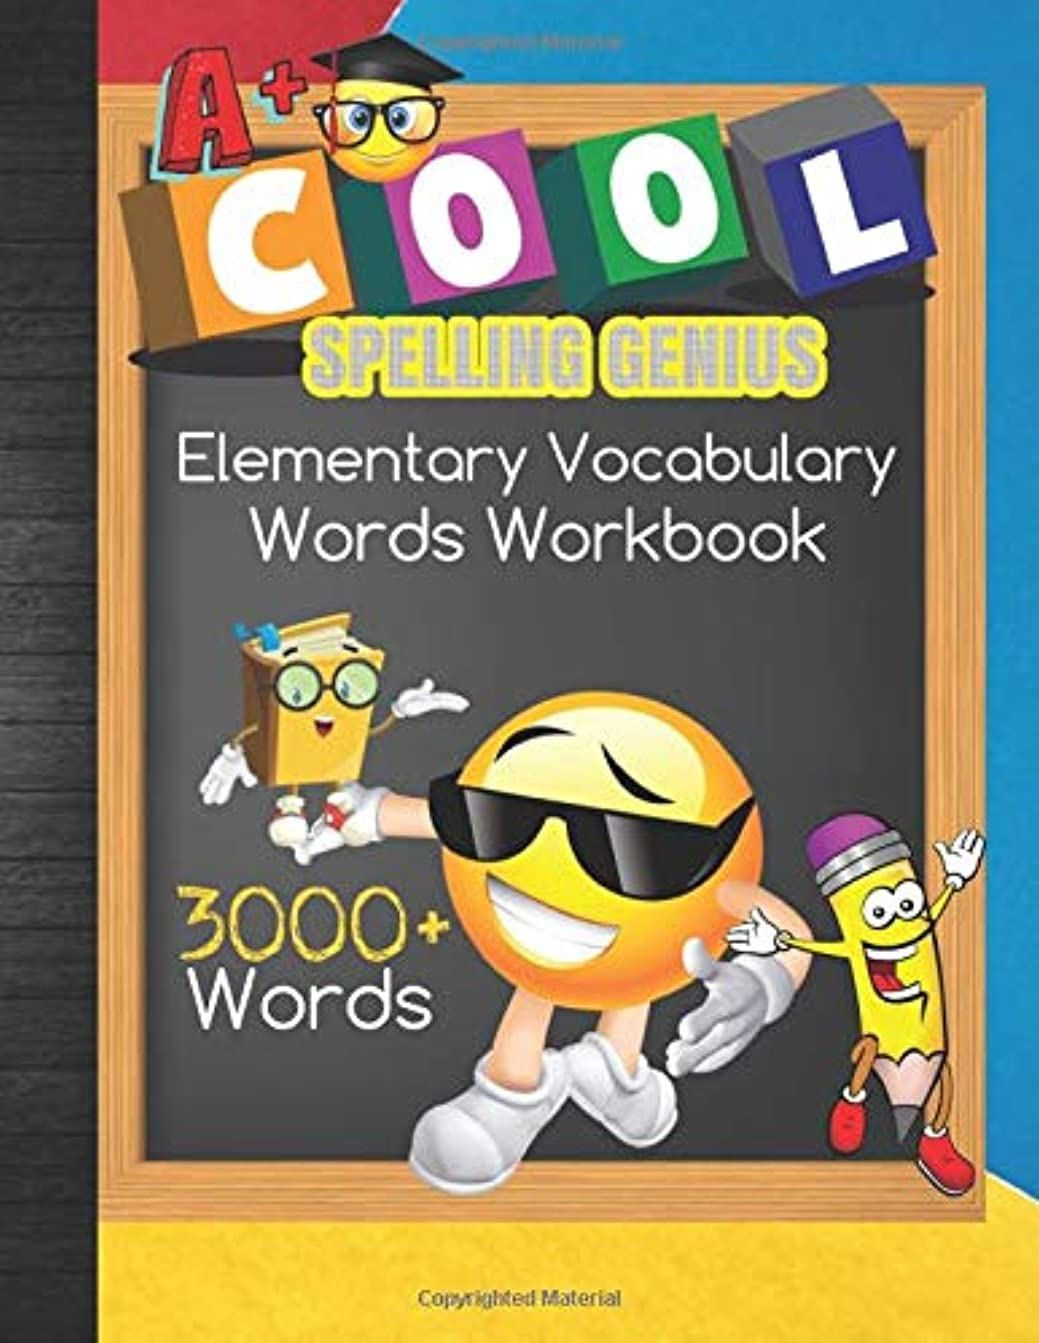 ピザチェリー経済Cool Spelling Genius Elementary Vocabulary 3000+ Words Workbook: 1st - 6th Grade Homeschool Spelling Curriculum or Spelling Bee Preparation Study Words With Blank Testing and Grades Tracker Sheets